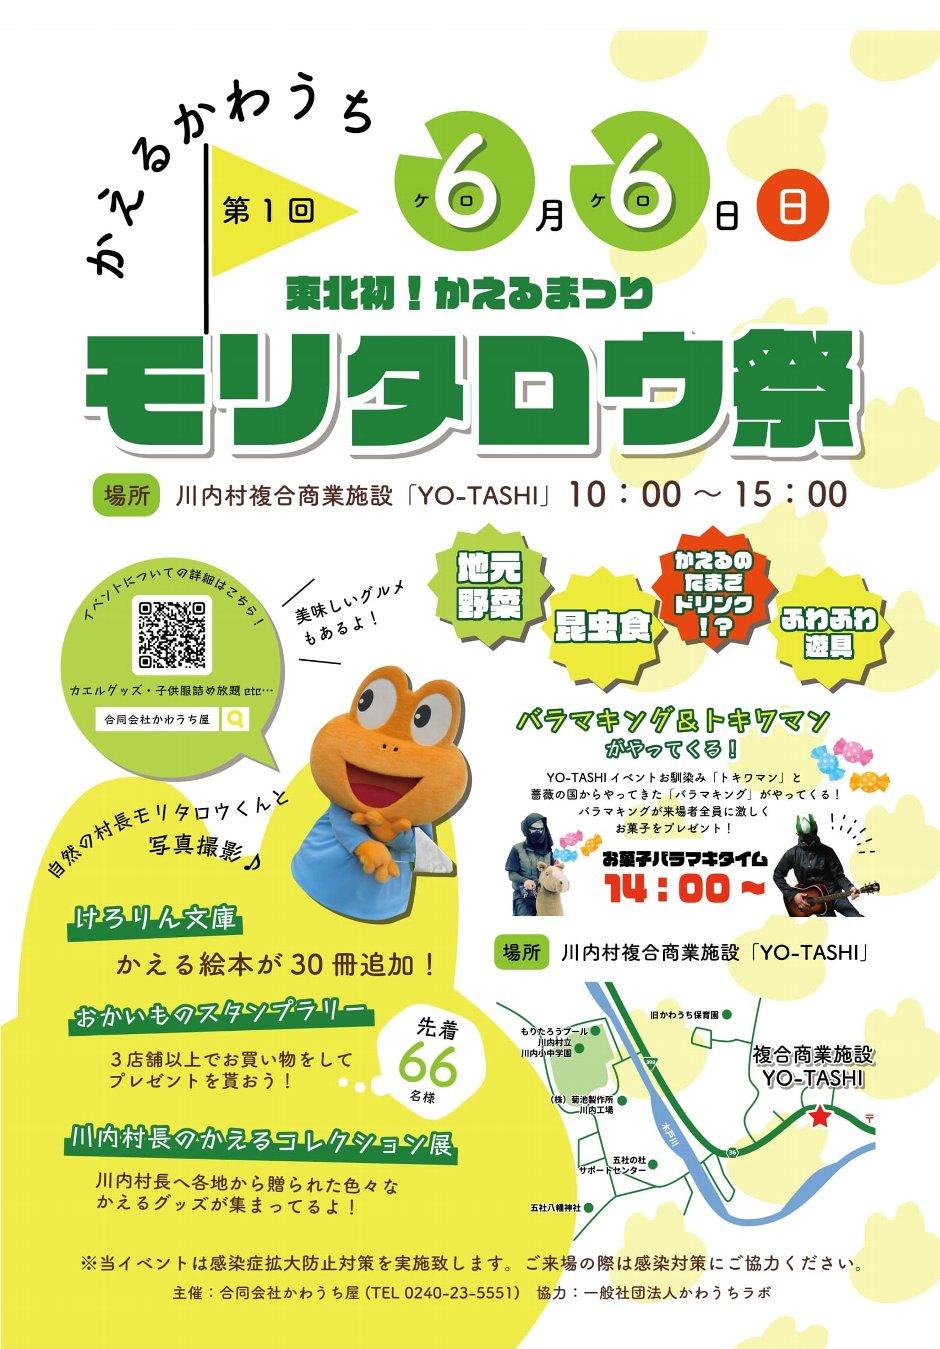 【川内村】第1回かえるかわうちモリタロウ祭 @ 川内村複合商業施設「YO-TASHI」